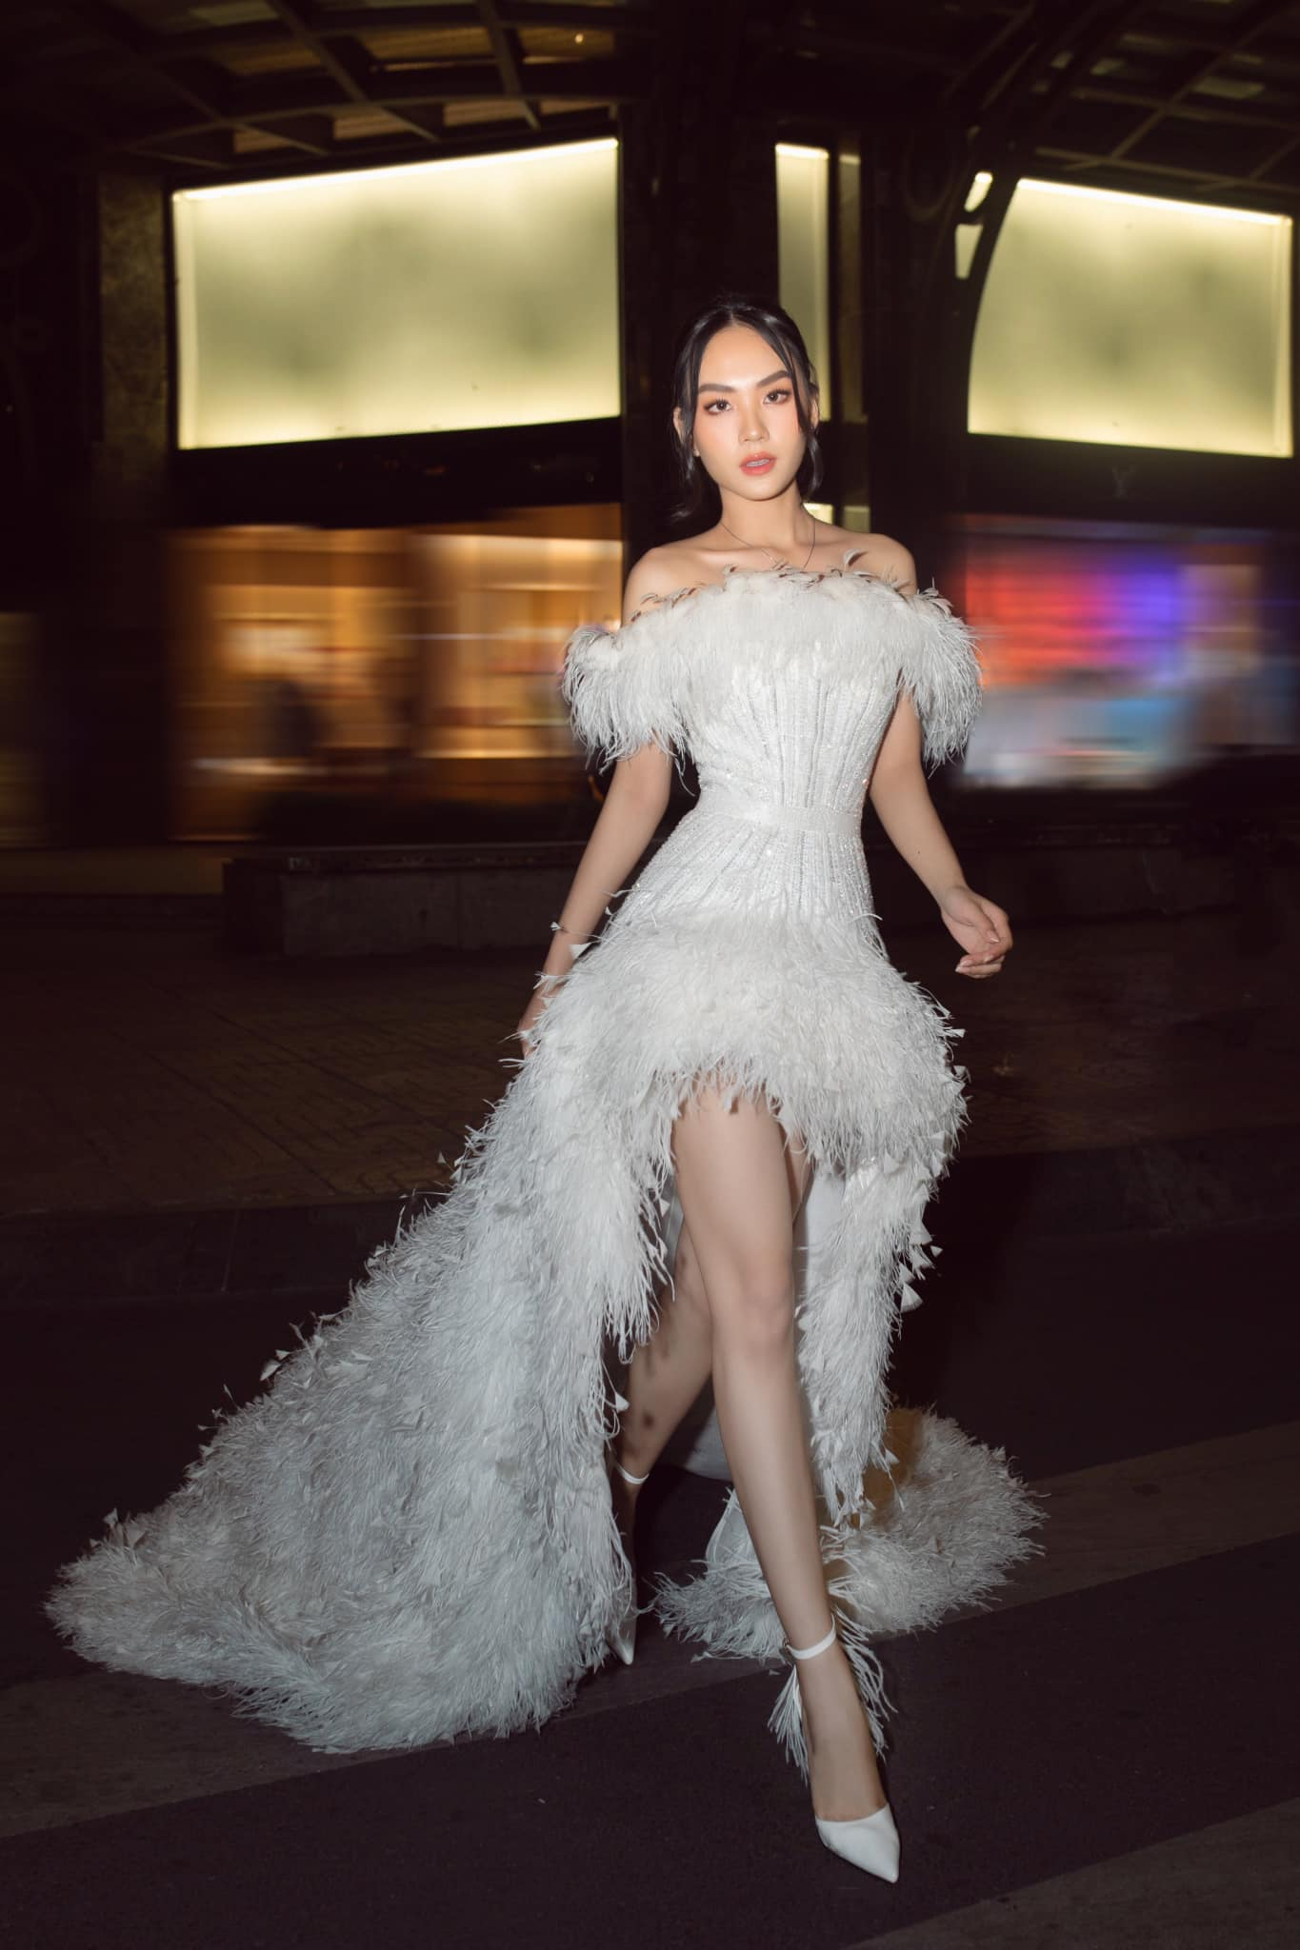 Diện váy cúp ngực gợi cảm, người đẹp Huỳnh Nguyễn Mai Phương hút hồn người nhìn ảnh 6